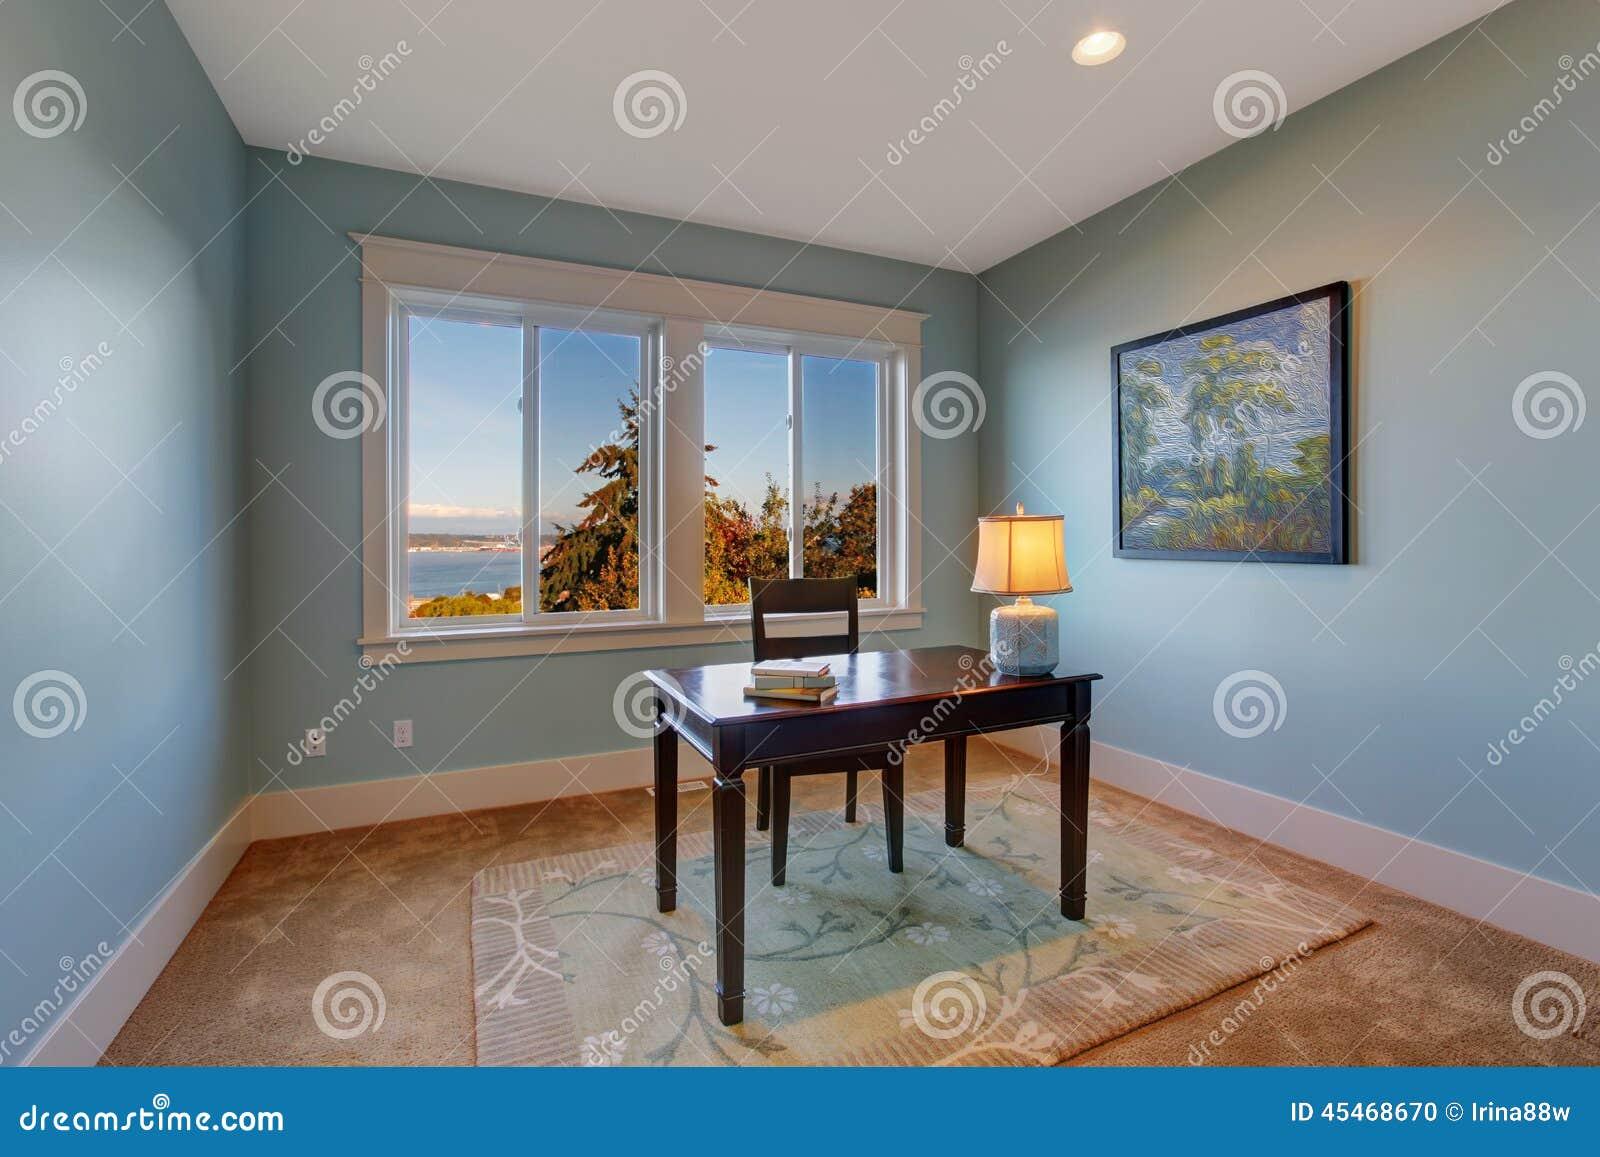 Pi ce simple de bureau dans la couleur bleu clair photo - Piece de bureau ...